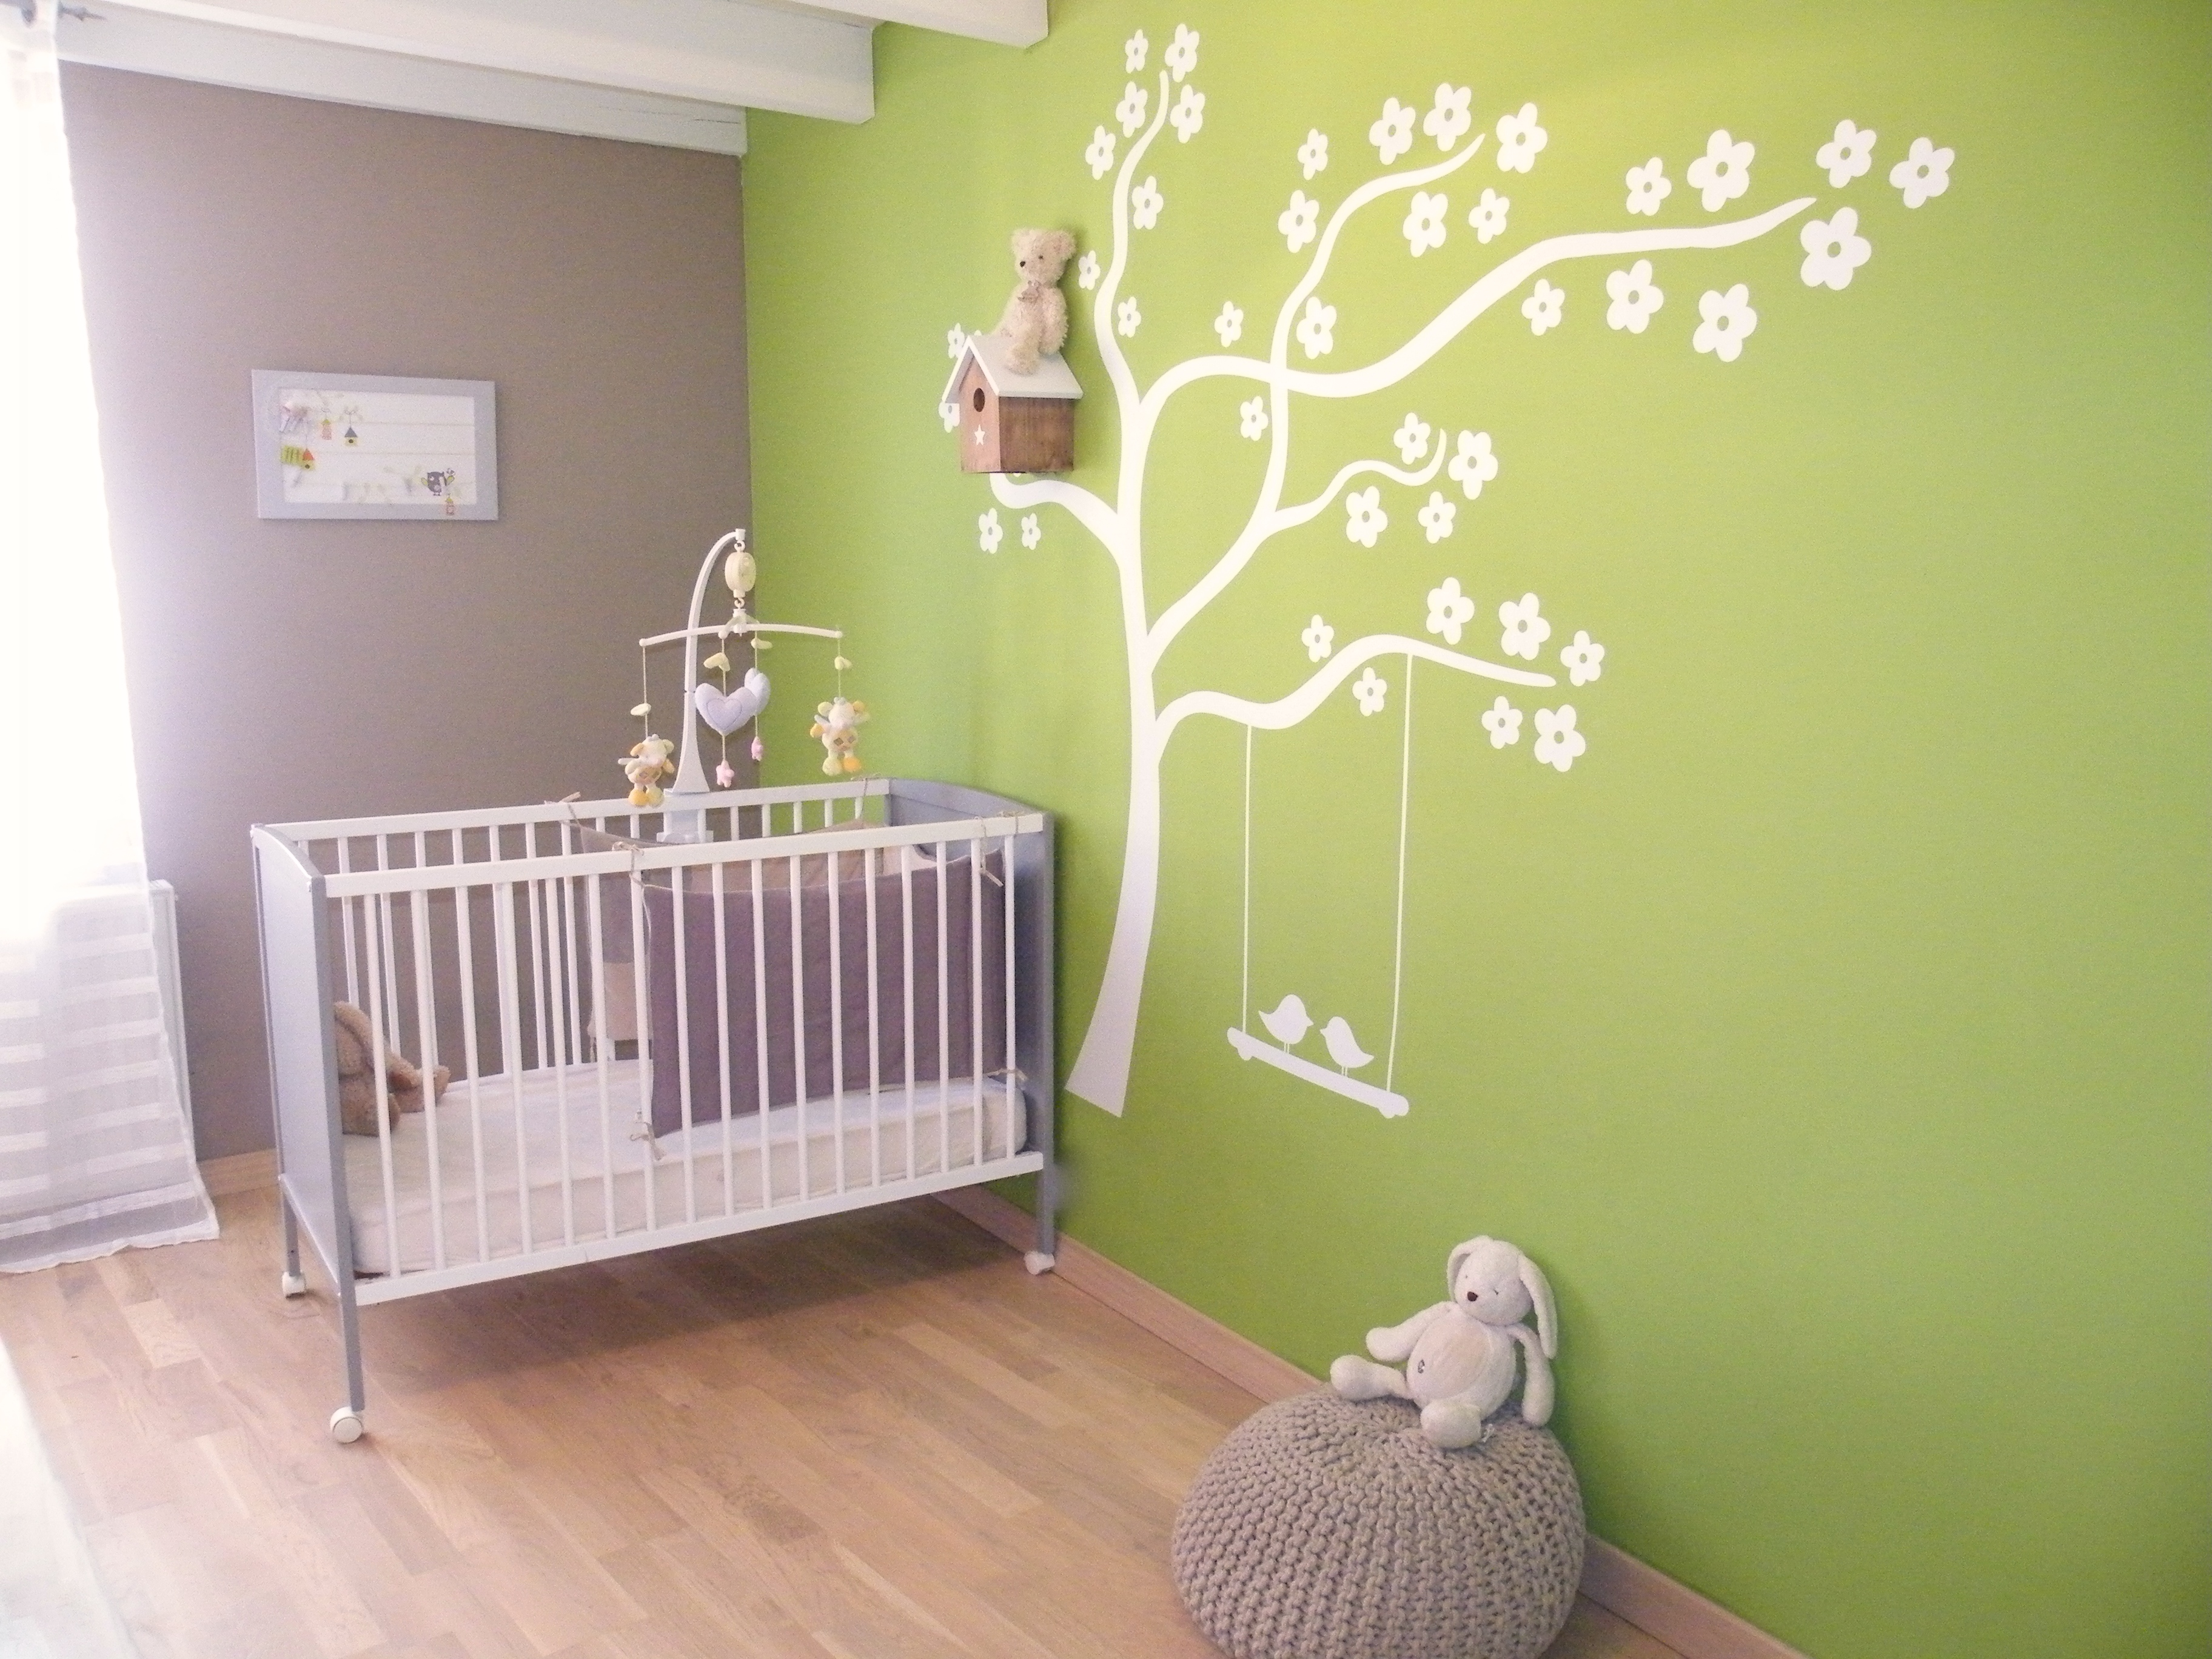 Déco chambre bébé rose et vert - Famille et bébé